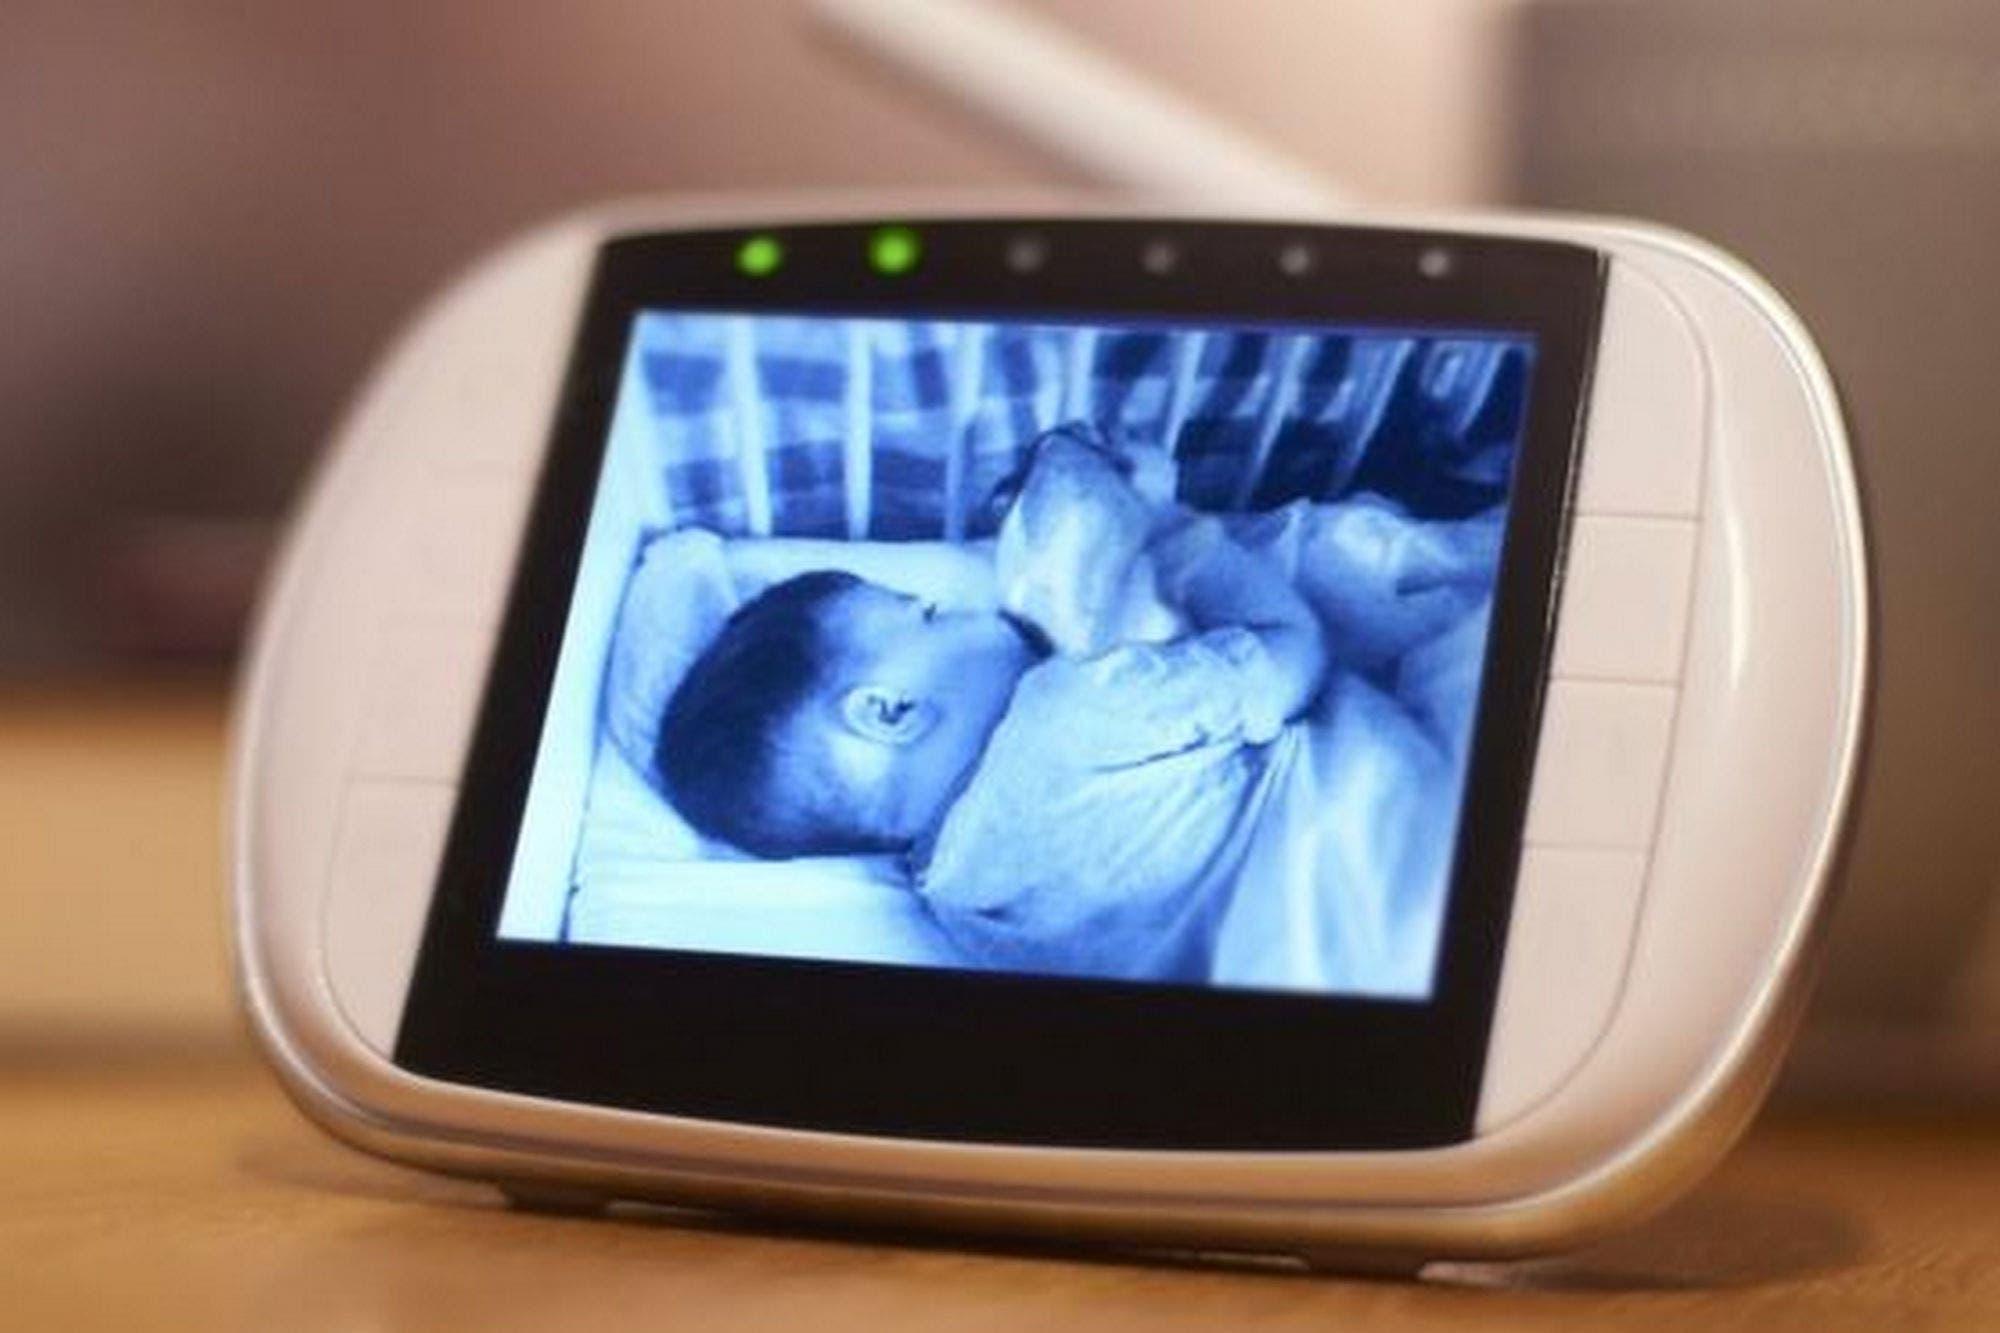 Cómo proteger las cámaras de vigilancia de bebés del ataque de los ciberdelincuentes